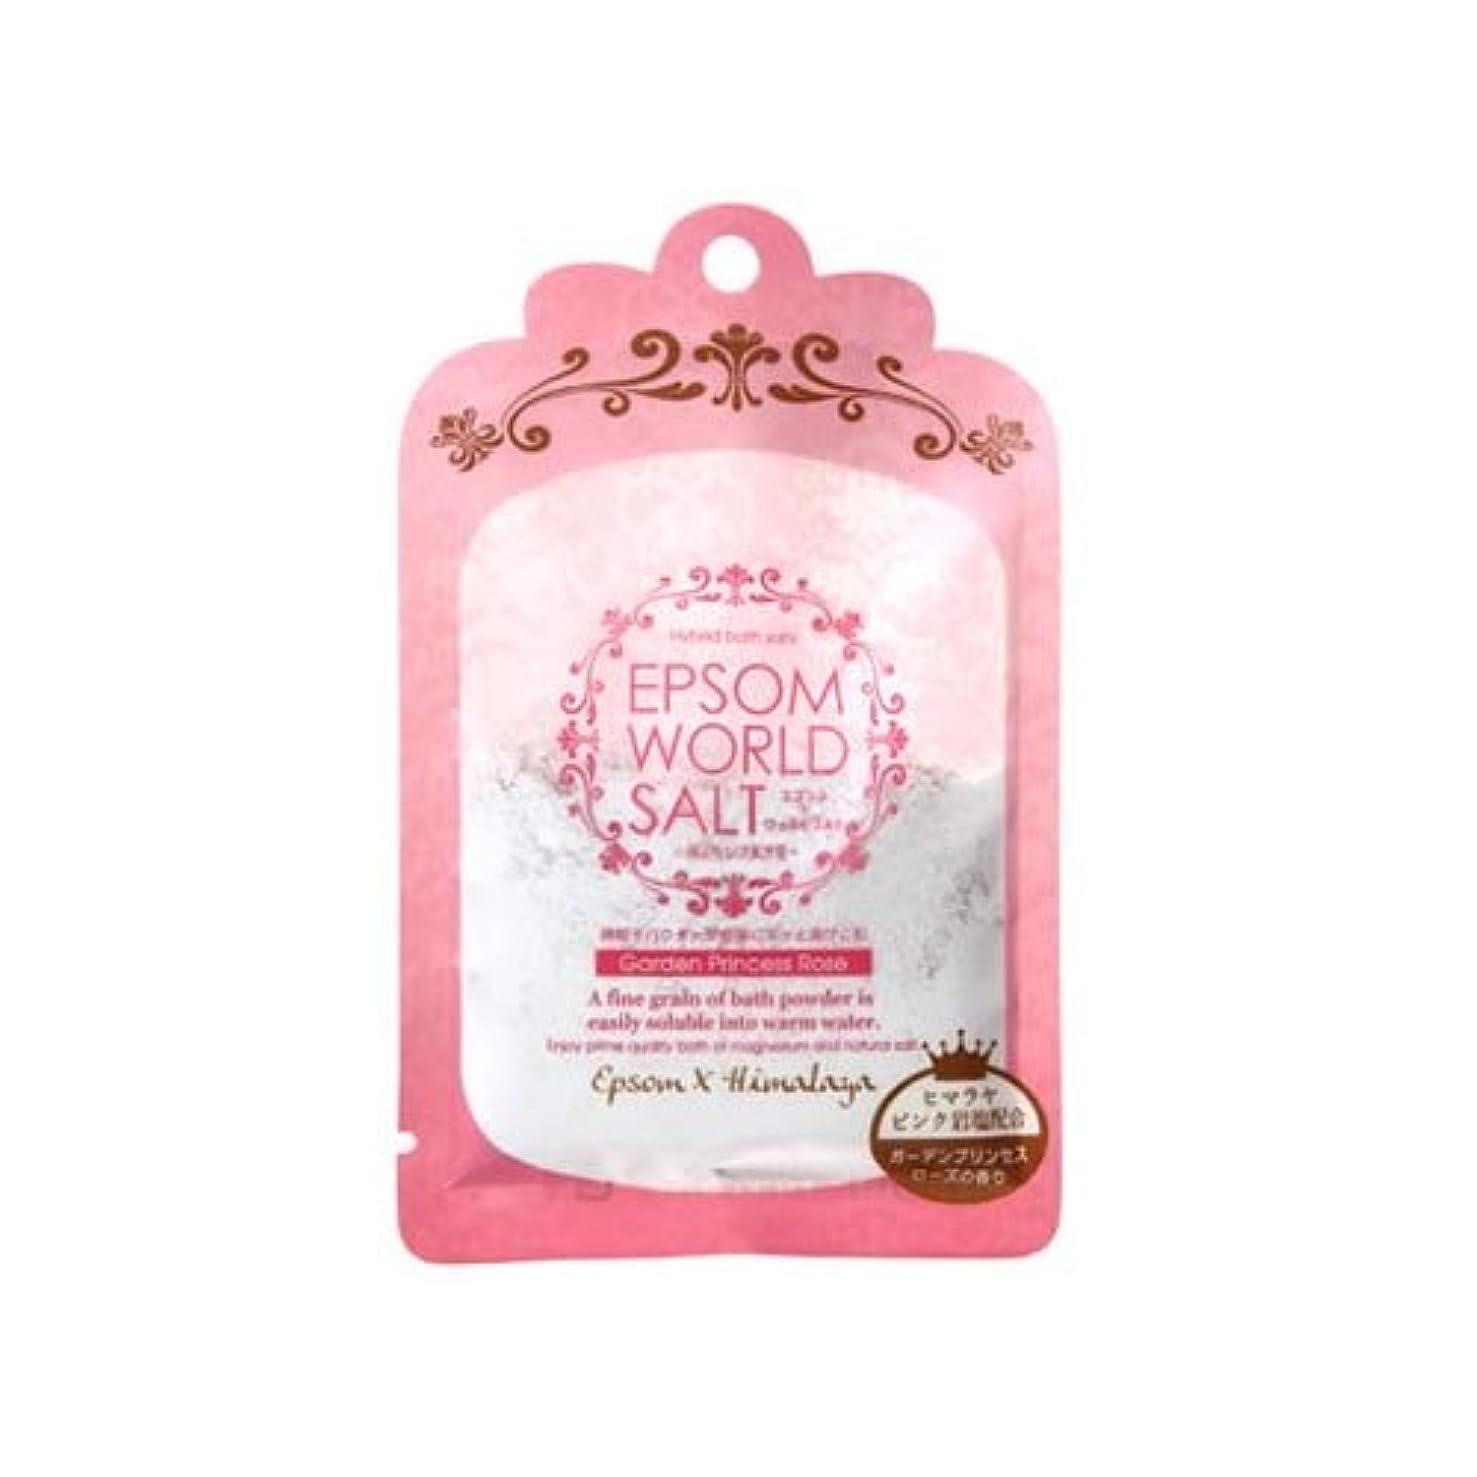 オール感謝祭ルールエプソムワールドソルト ガーデンプリンセス ローズの香り 50g